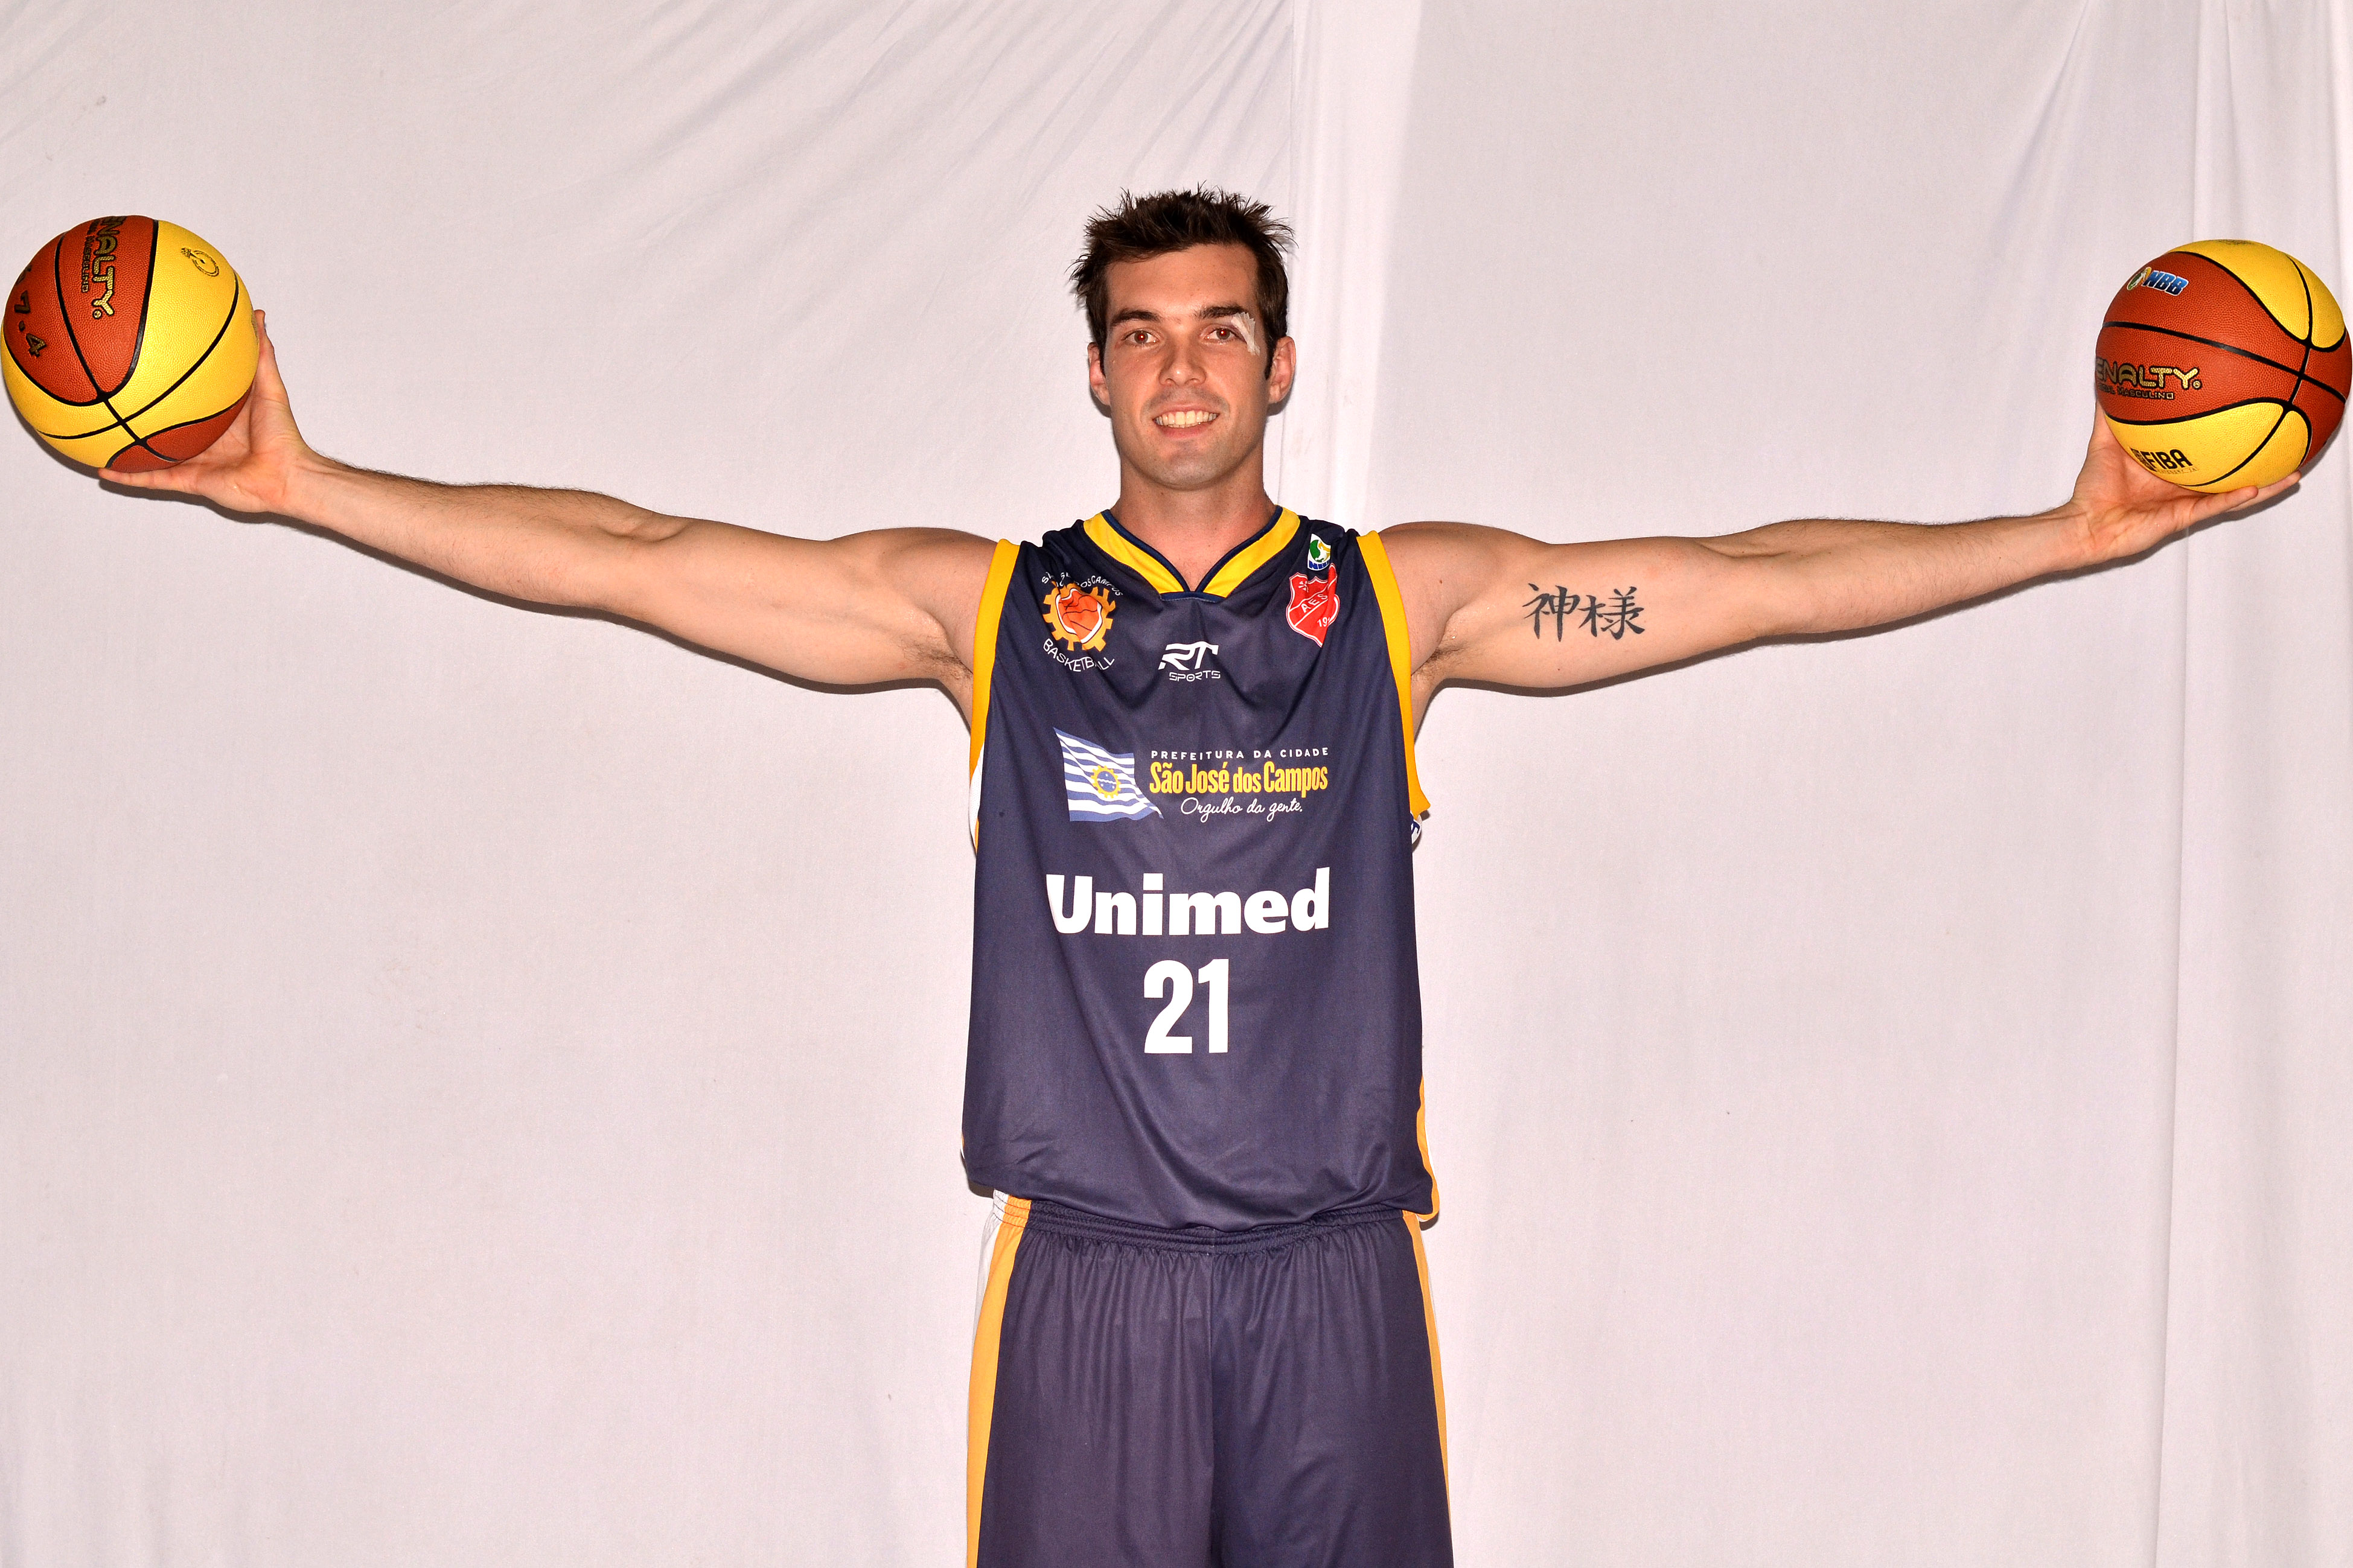 Resultado de imagem para murilo becker basquete